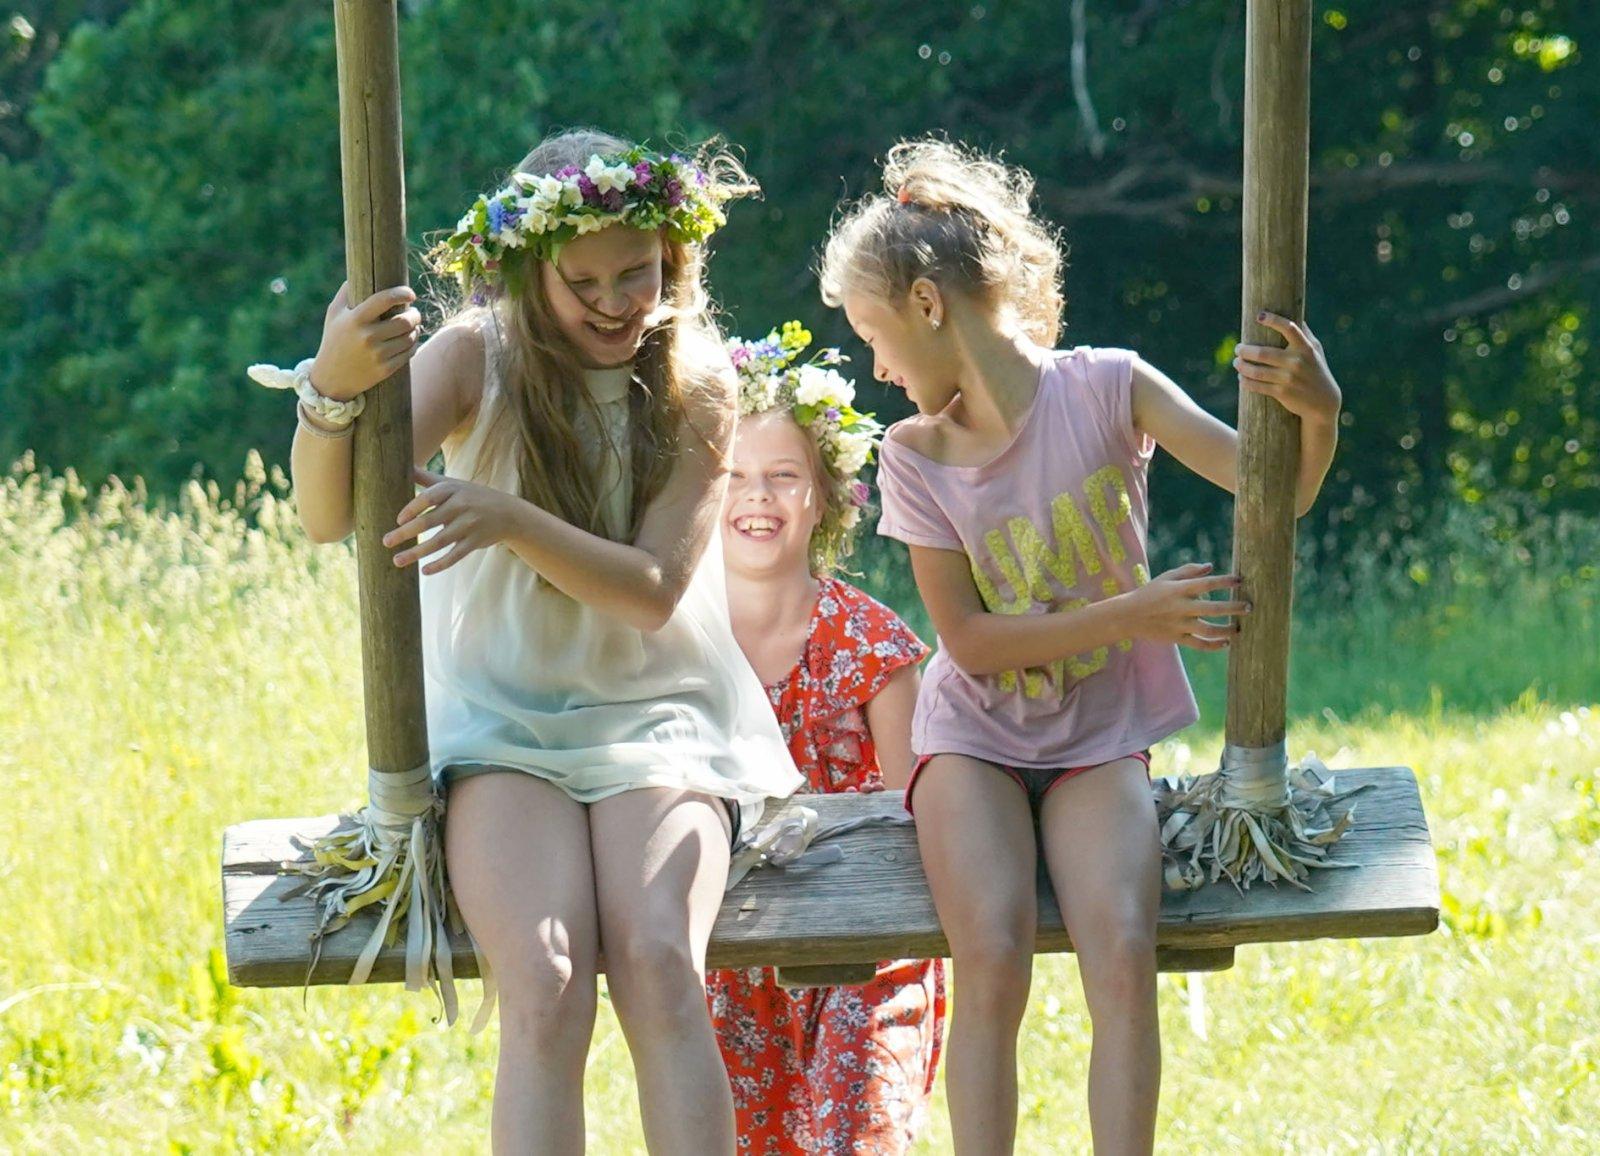 6月21日,頭戴花冠的女孩們在拉脫維亞鄉村增特內的草坪上玩耍。(新華社)